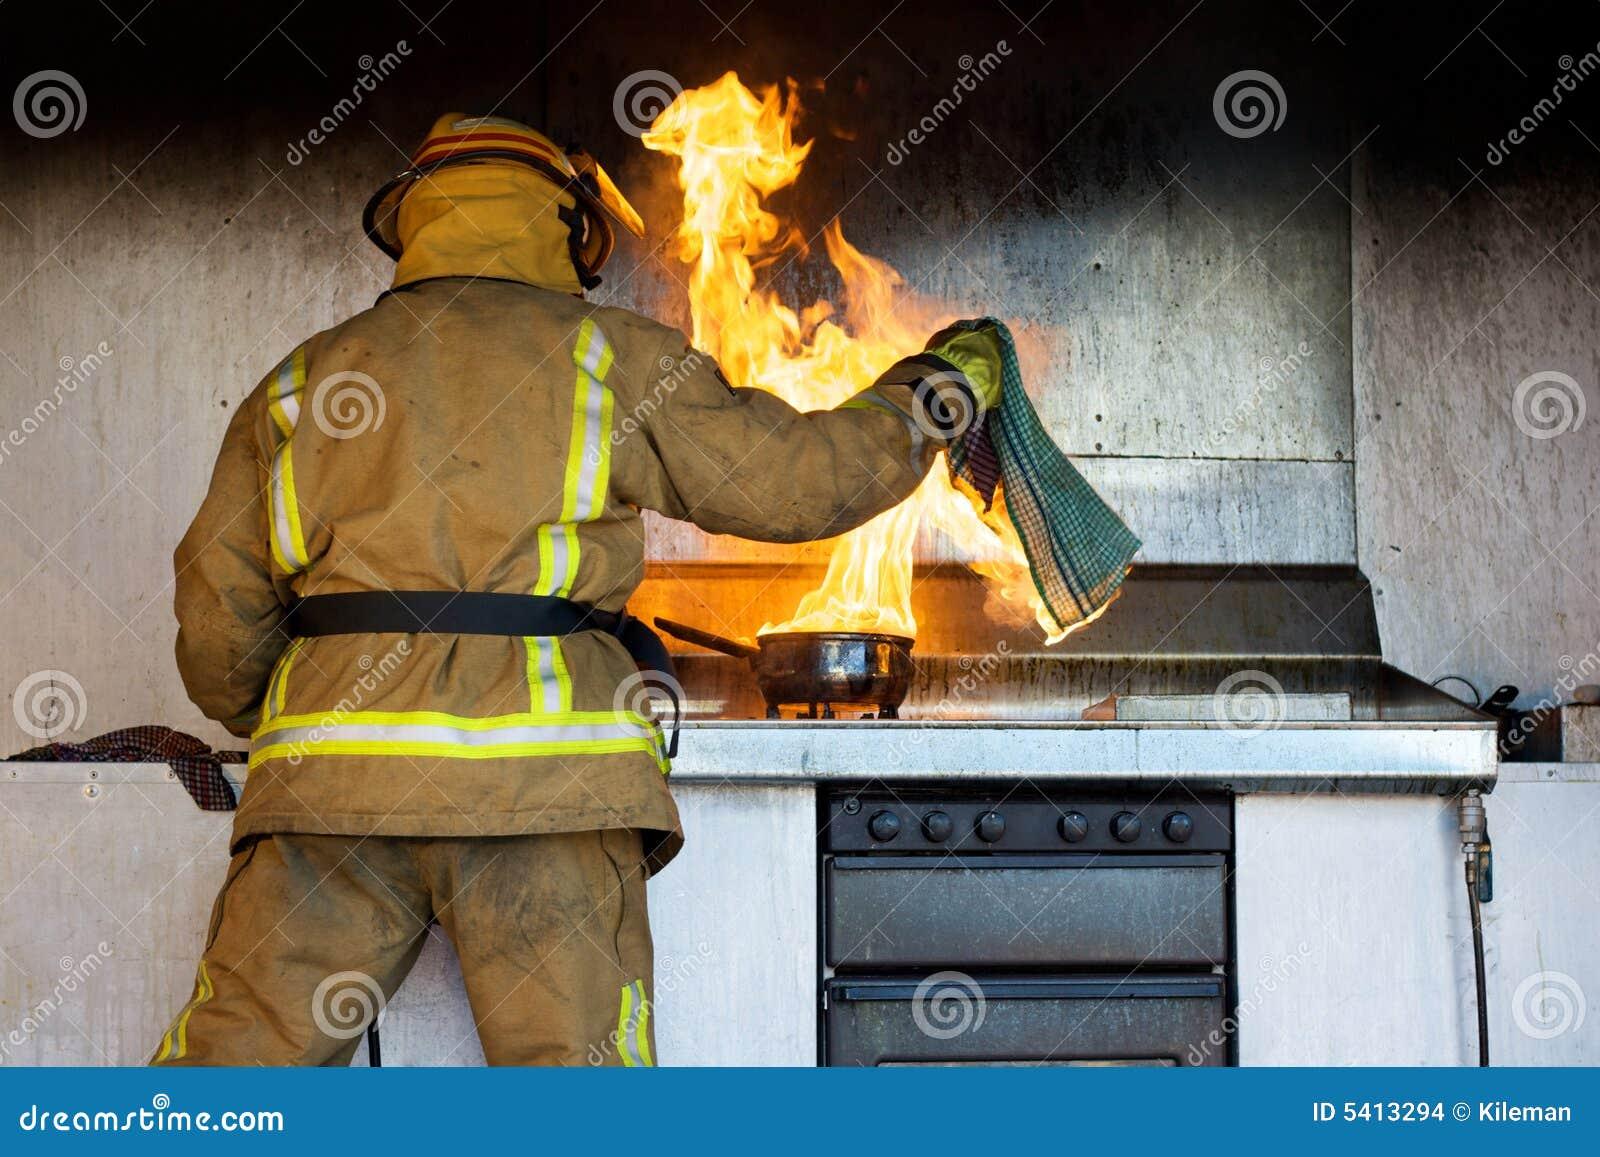 Fuego de la cocina imagenes de archivo imagen 5413294 - Cocina de fuego ...